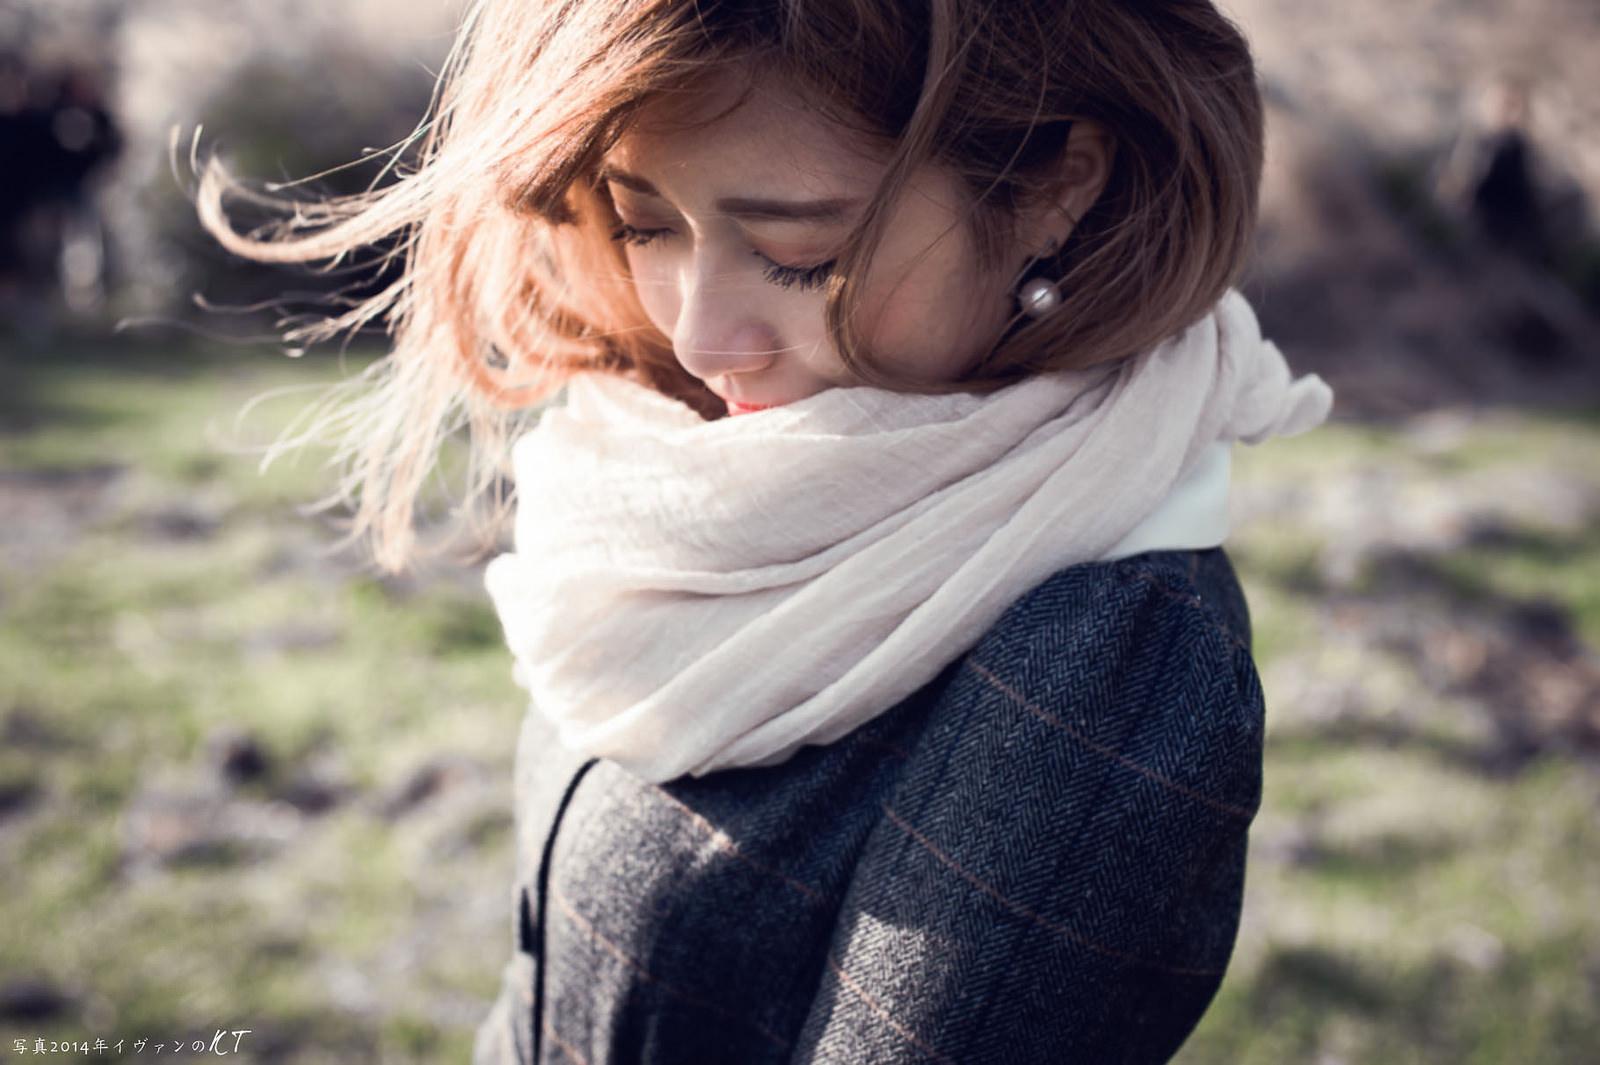 Tâm sự của người chồng vô tâm: Vợ rồi sẽ 'biến mất' nếu ta cứ quên mất cô ấy… - Ảnh 2